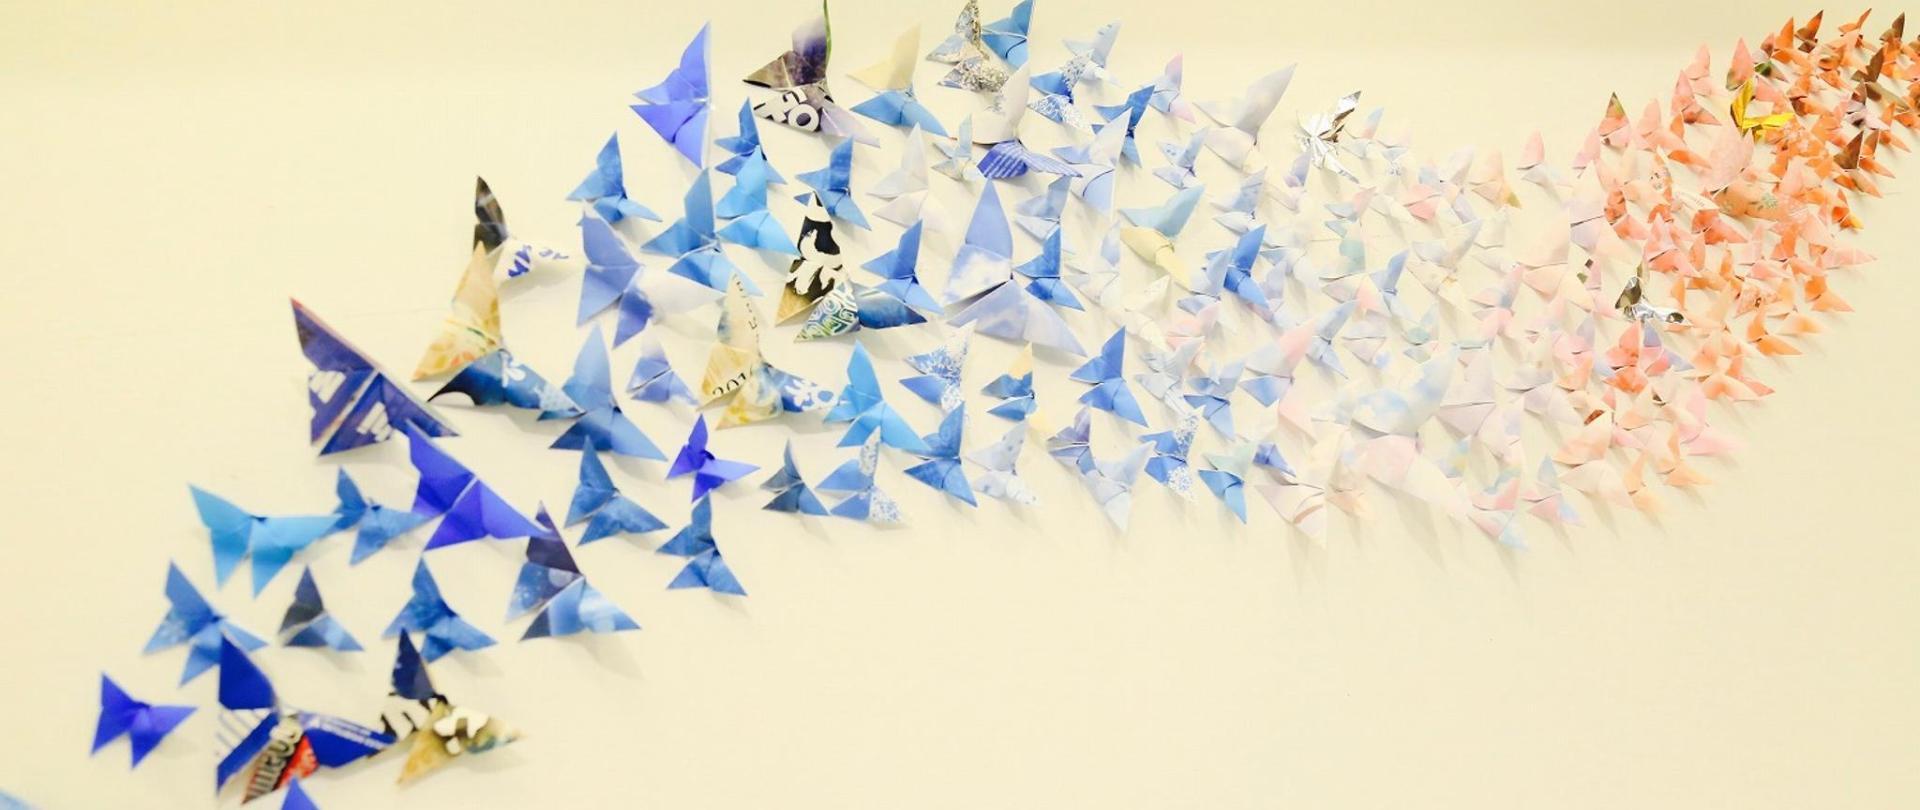 Хаосань Токіо орігамі